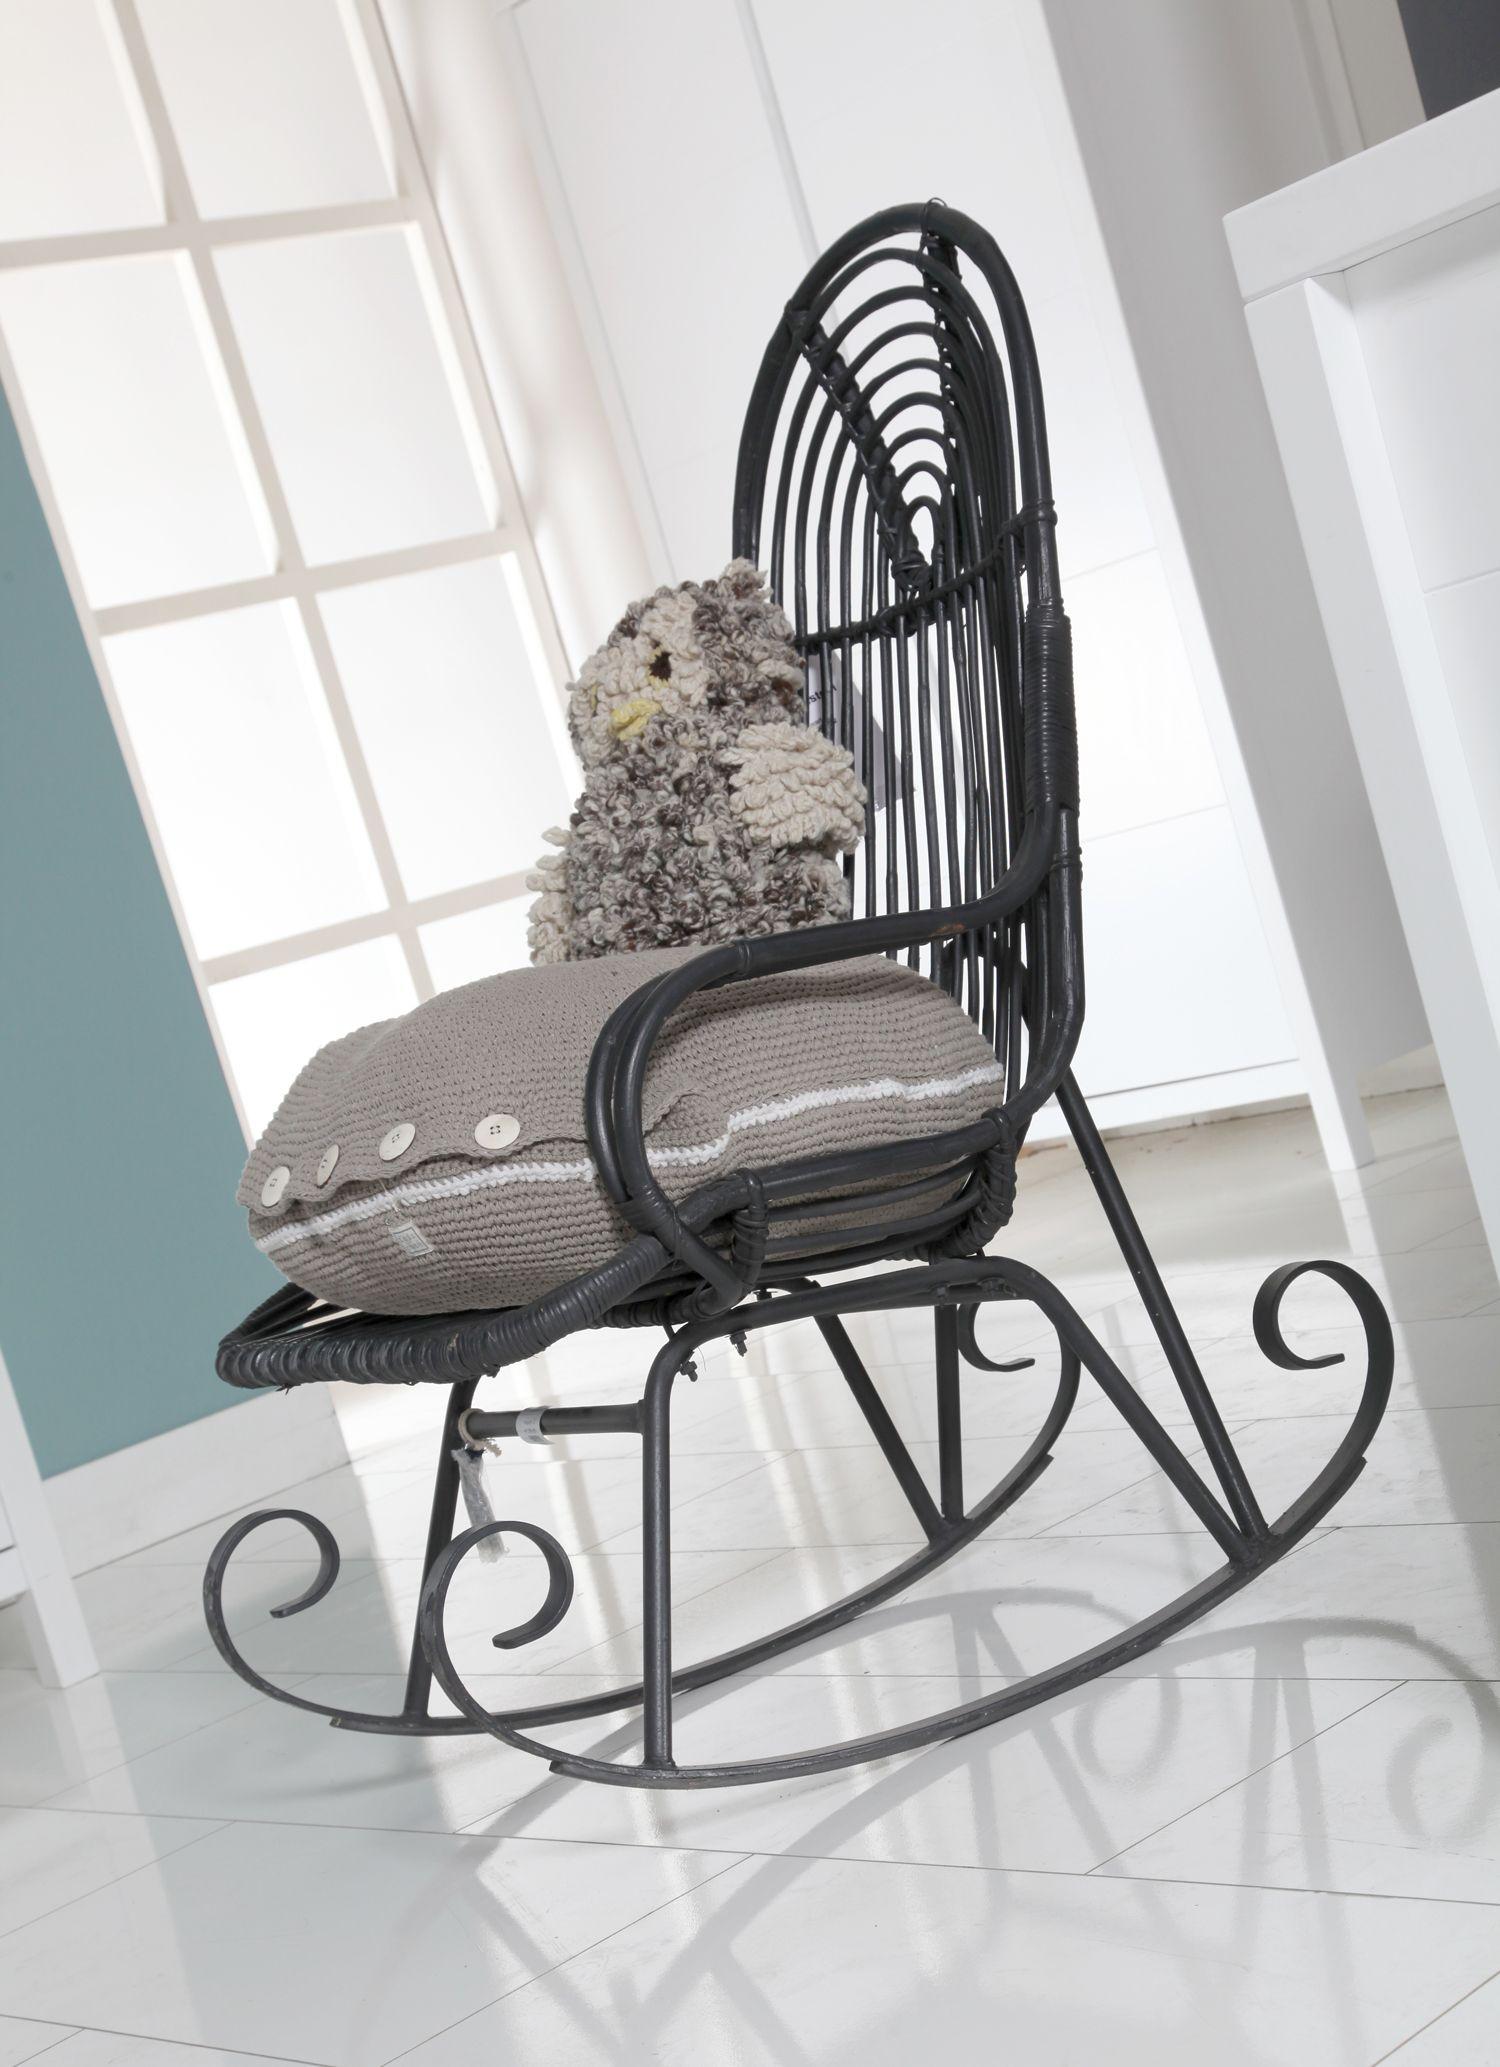 Baby Schommel Bed.Schommelstoel Voor Op De Babykamer Kussen En Knuffeluil Babypark